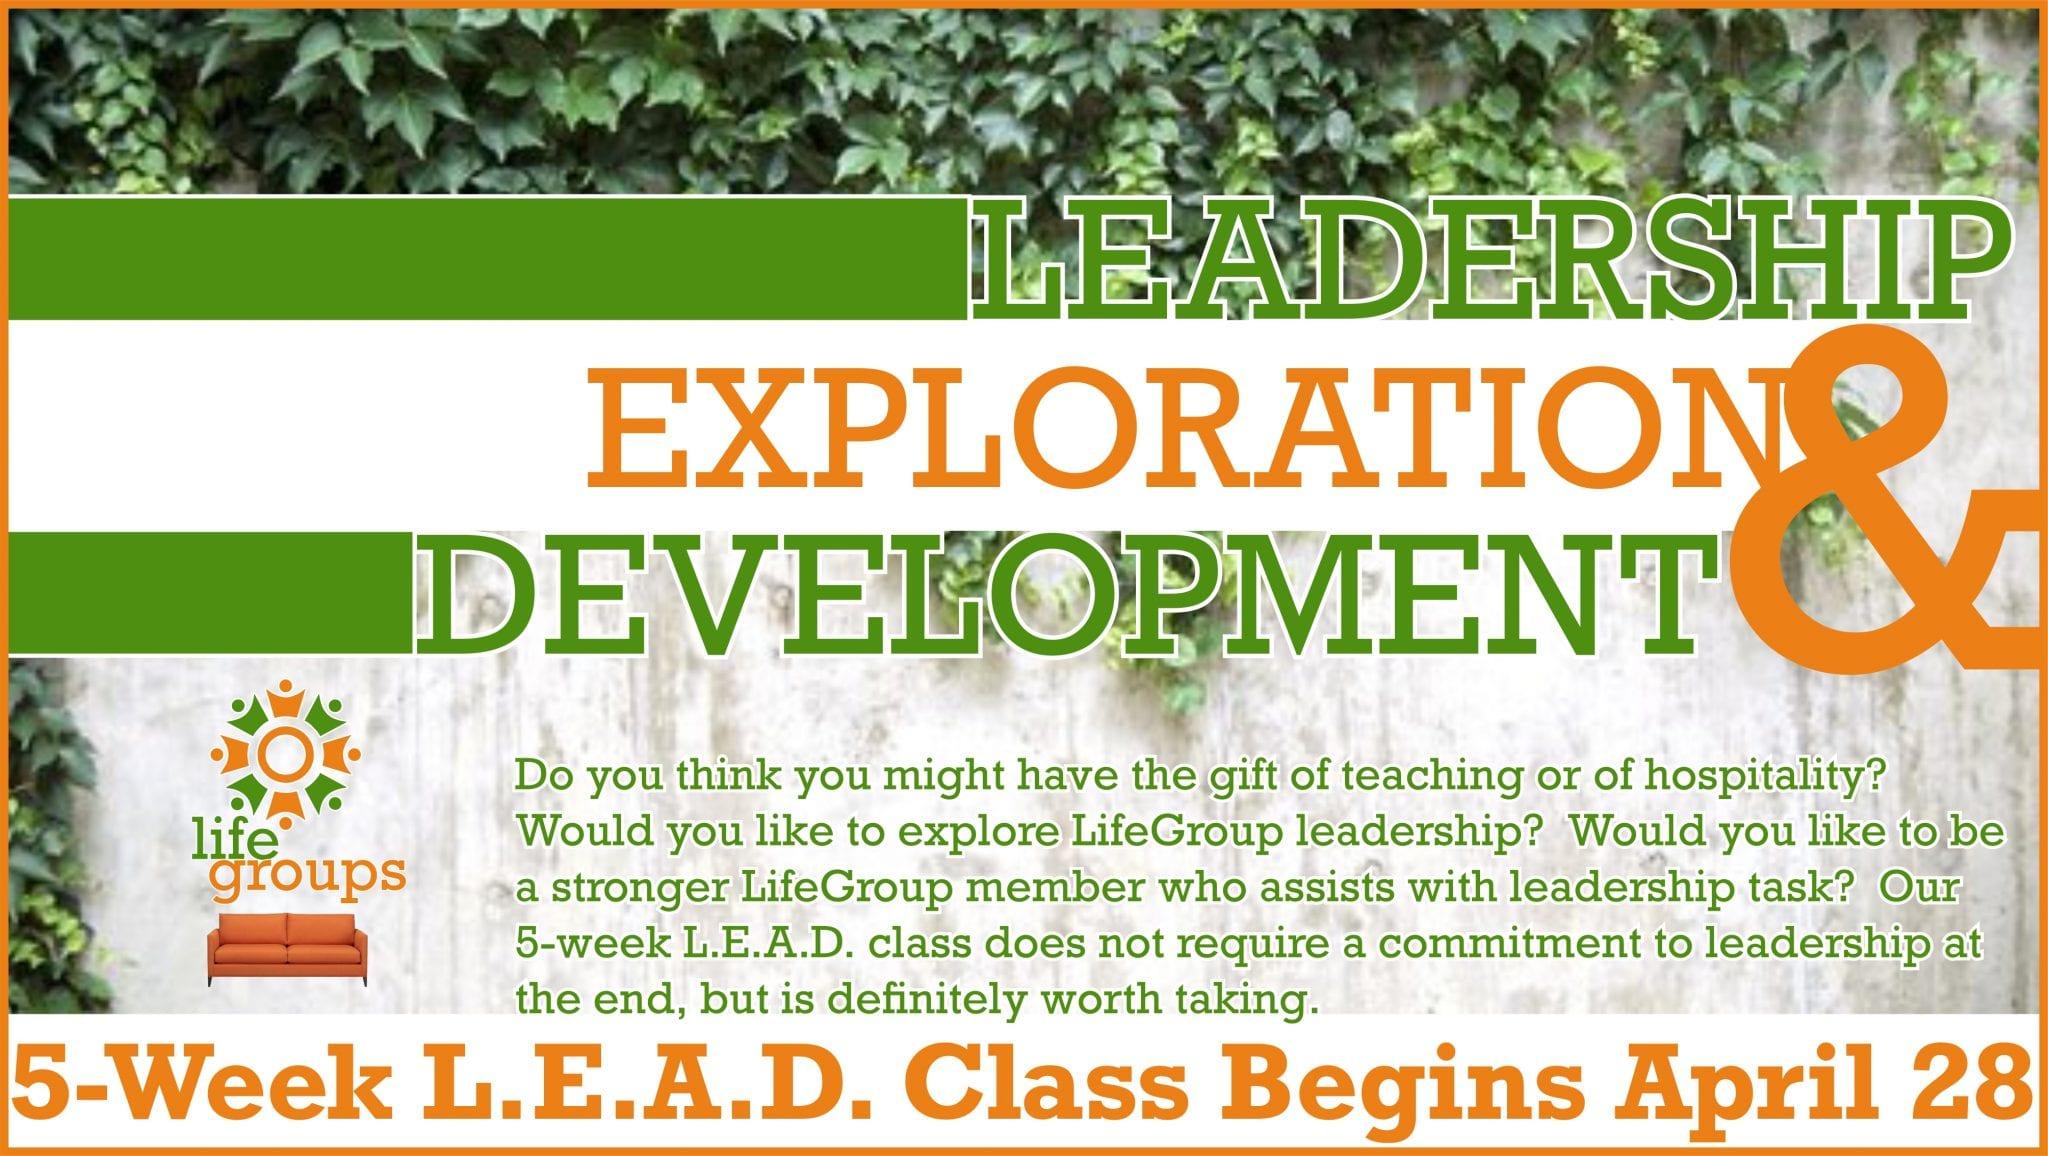 L.E.A.D. Class